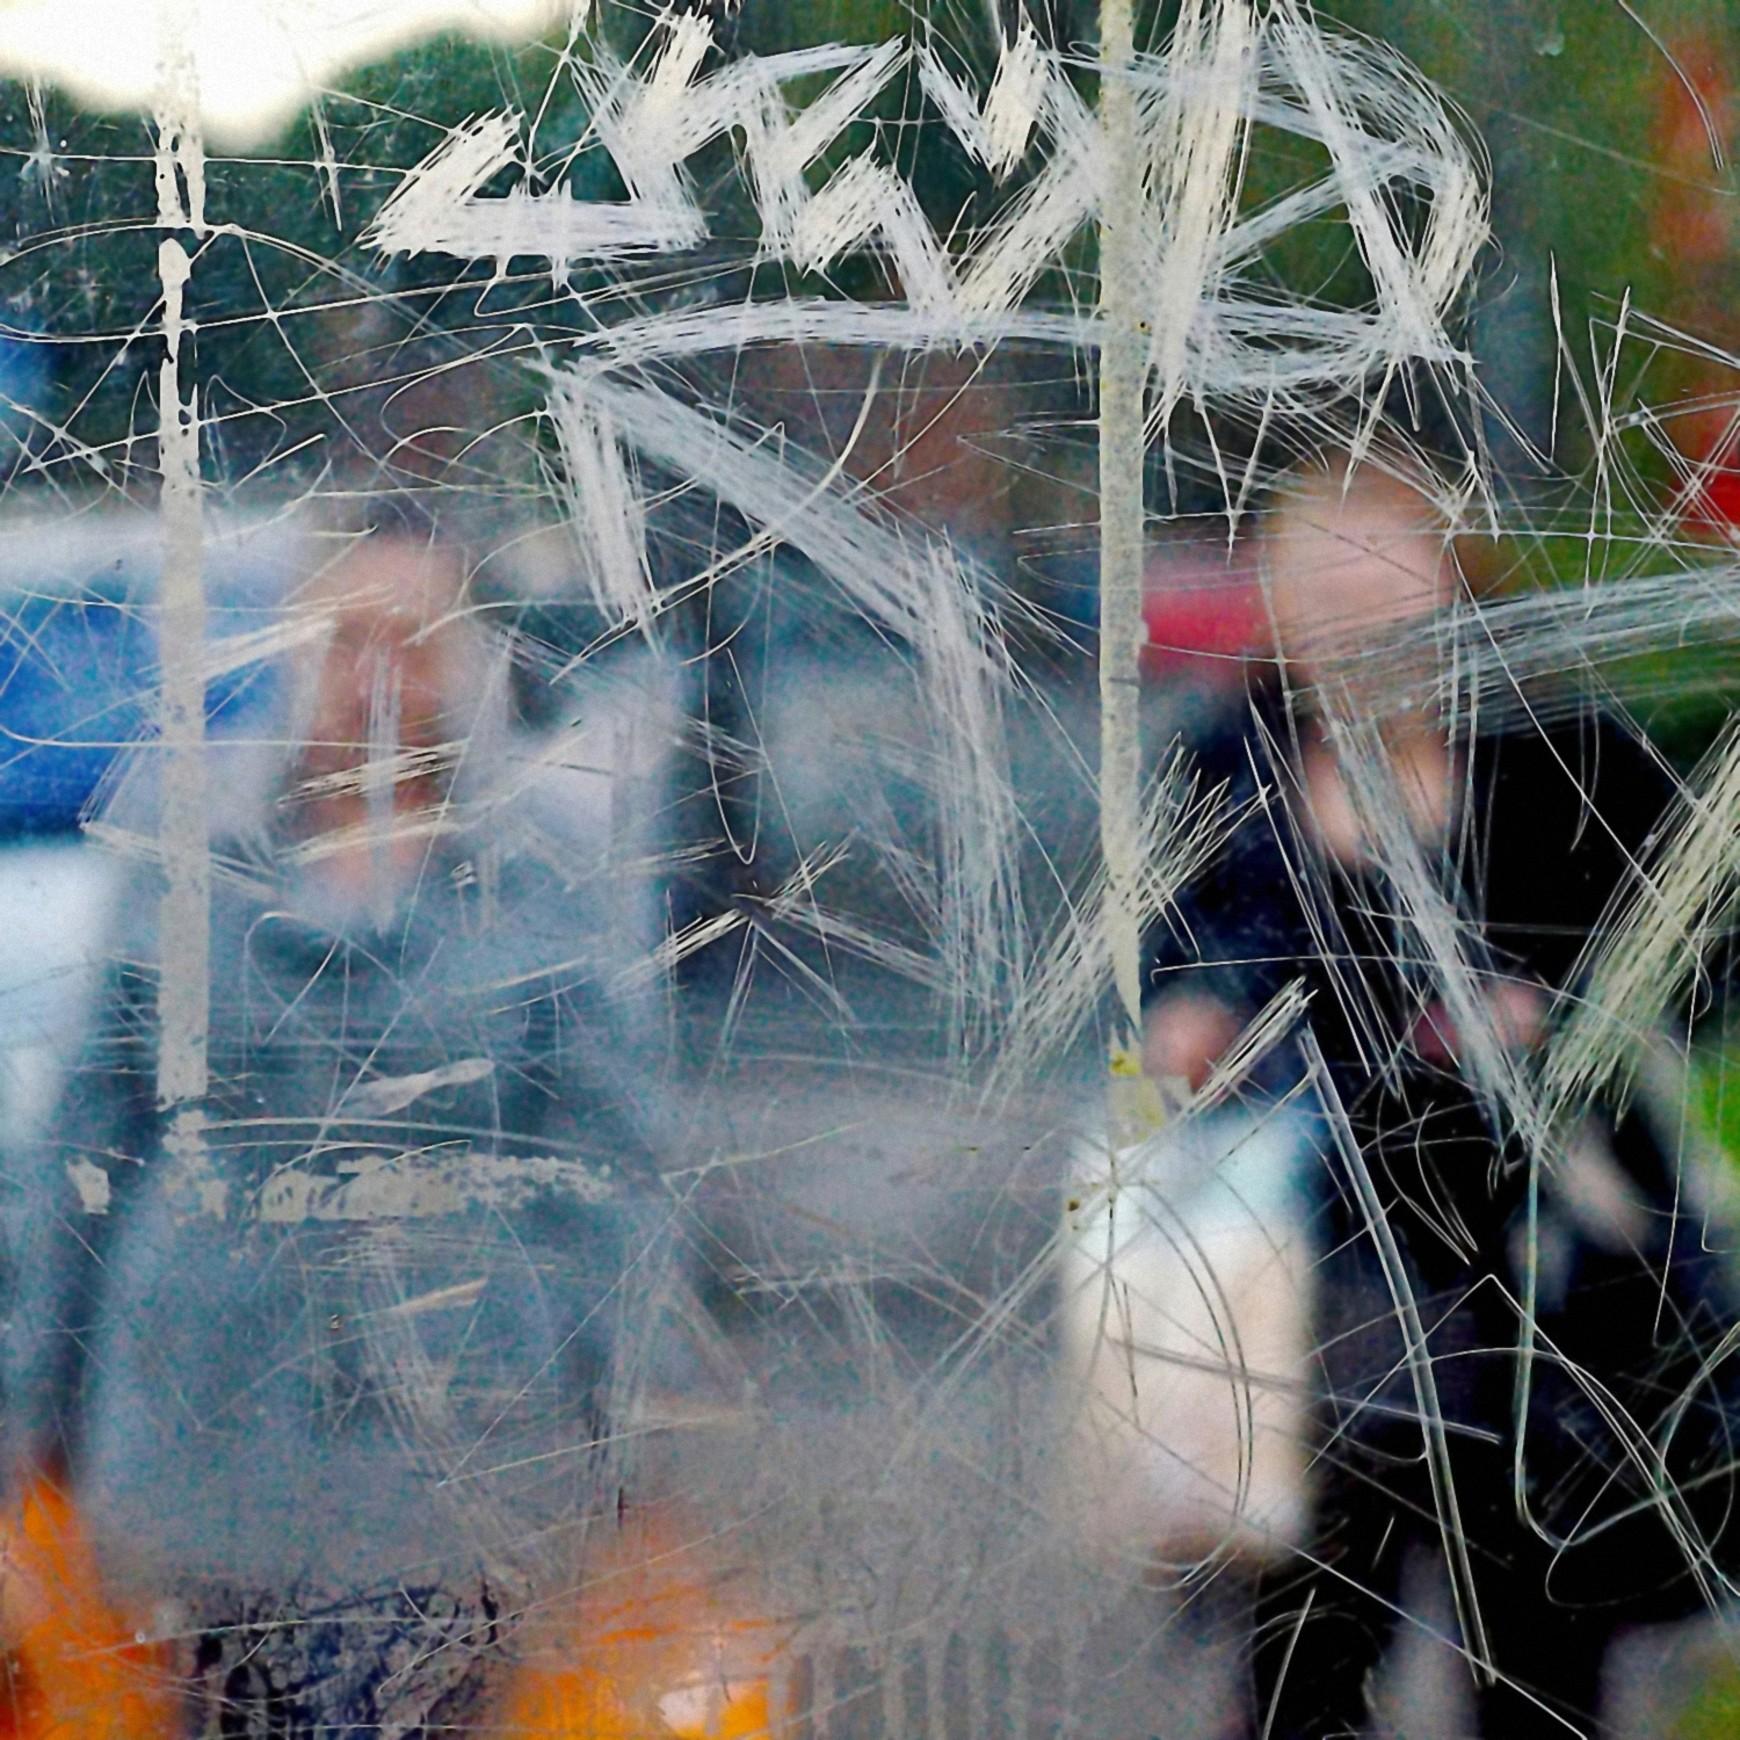 Bus Stop, il progetto anti-fotografico di Stephen Calcutt | Collater.al